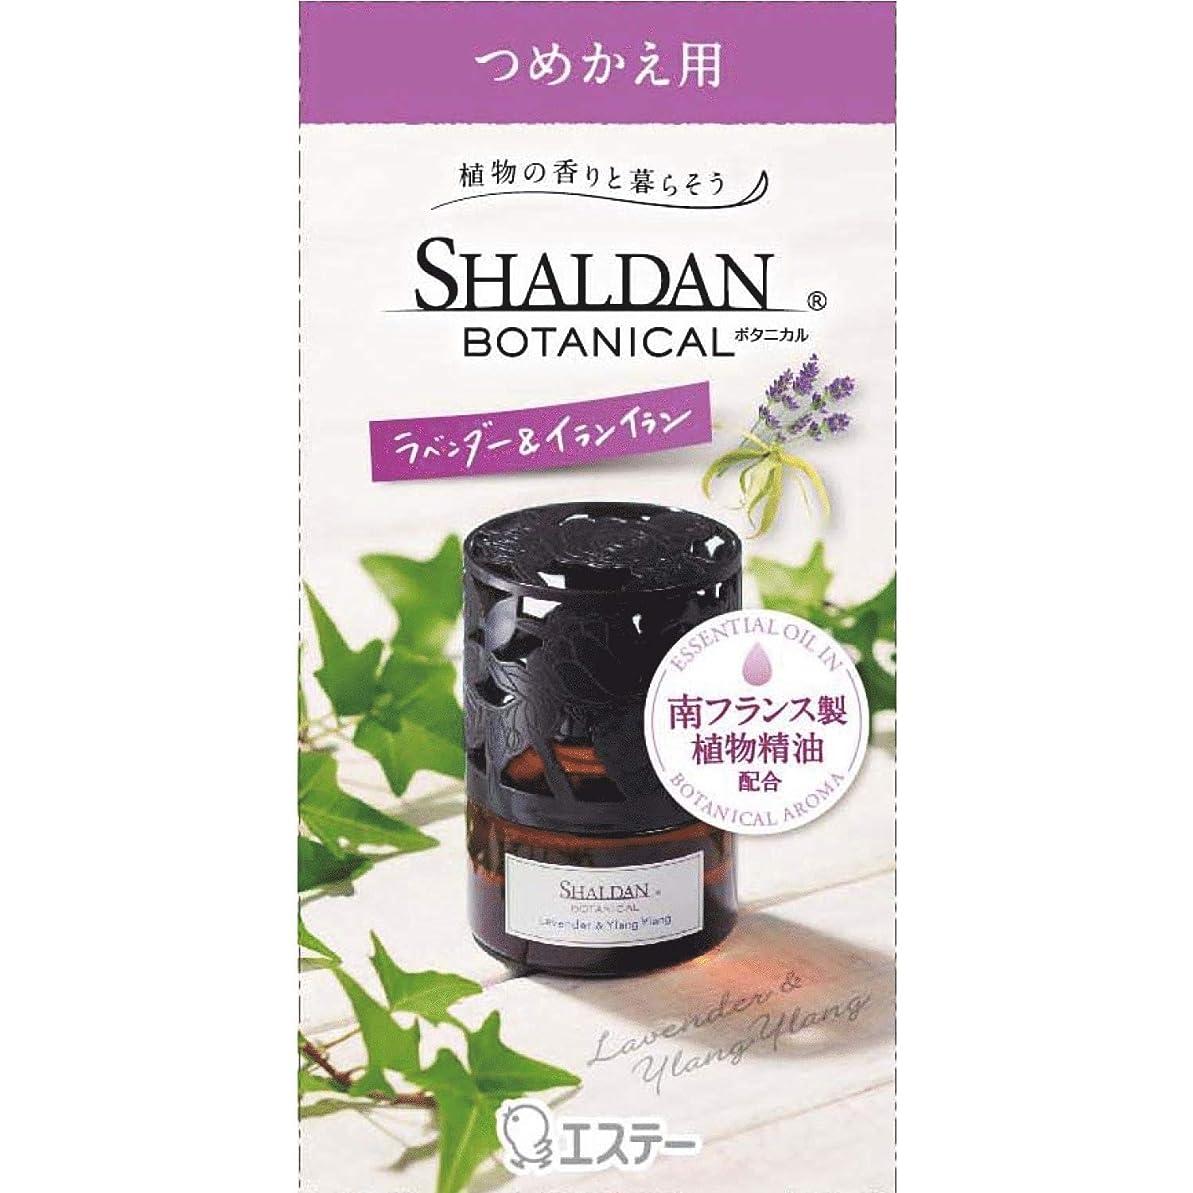 お別れ浸す見かけ上シャルダン SHALDAN BOTANICAL ボタニカル 芳香剤 部屋用 部屋 つめかえ ラベンダー&イランイラン 25mL